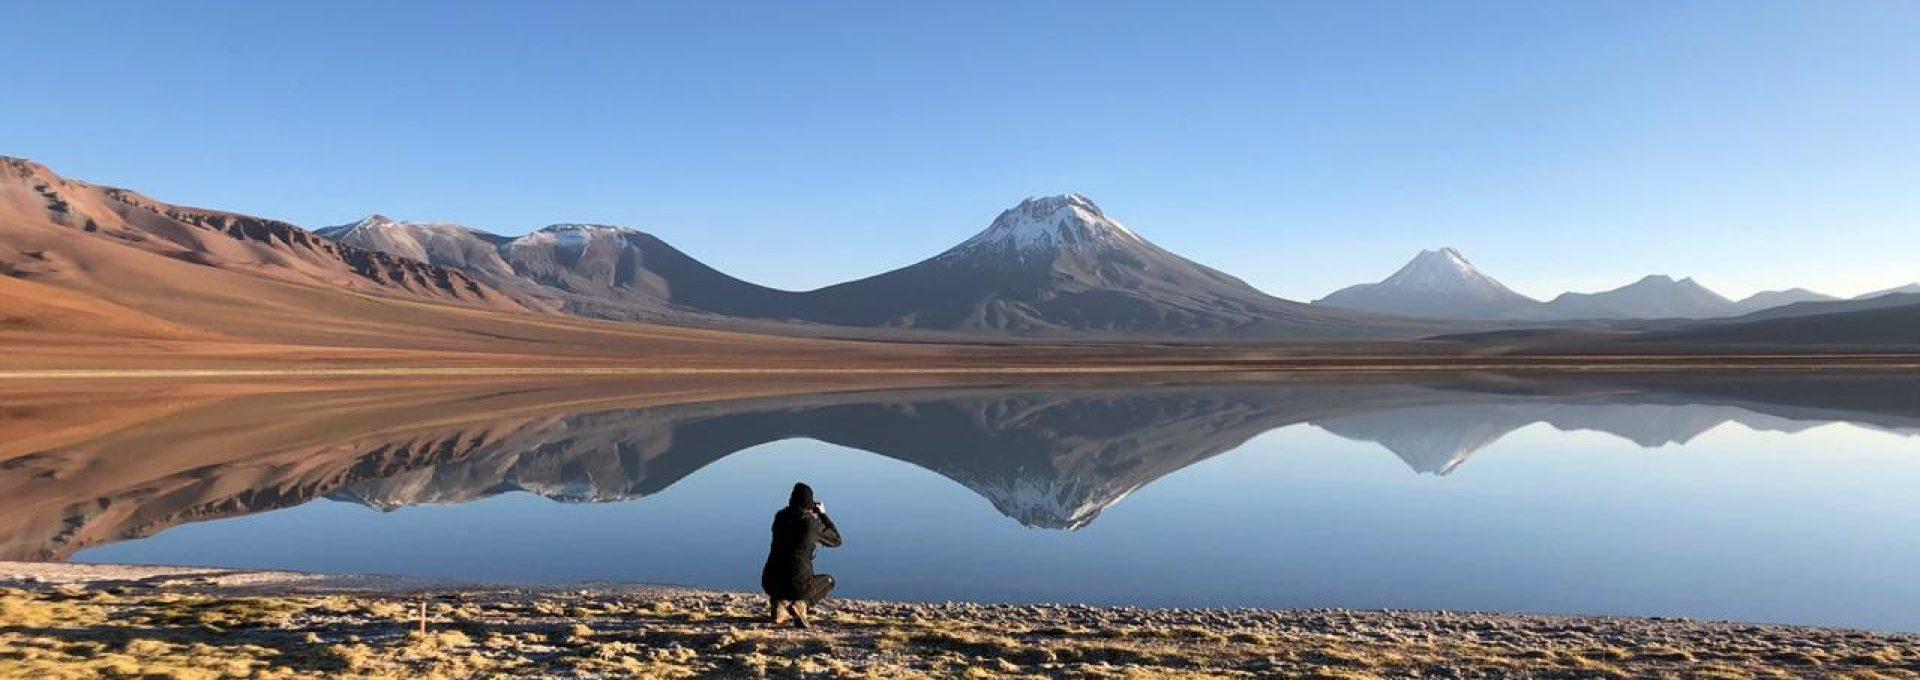 Voyageatacama